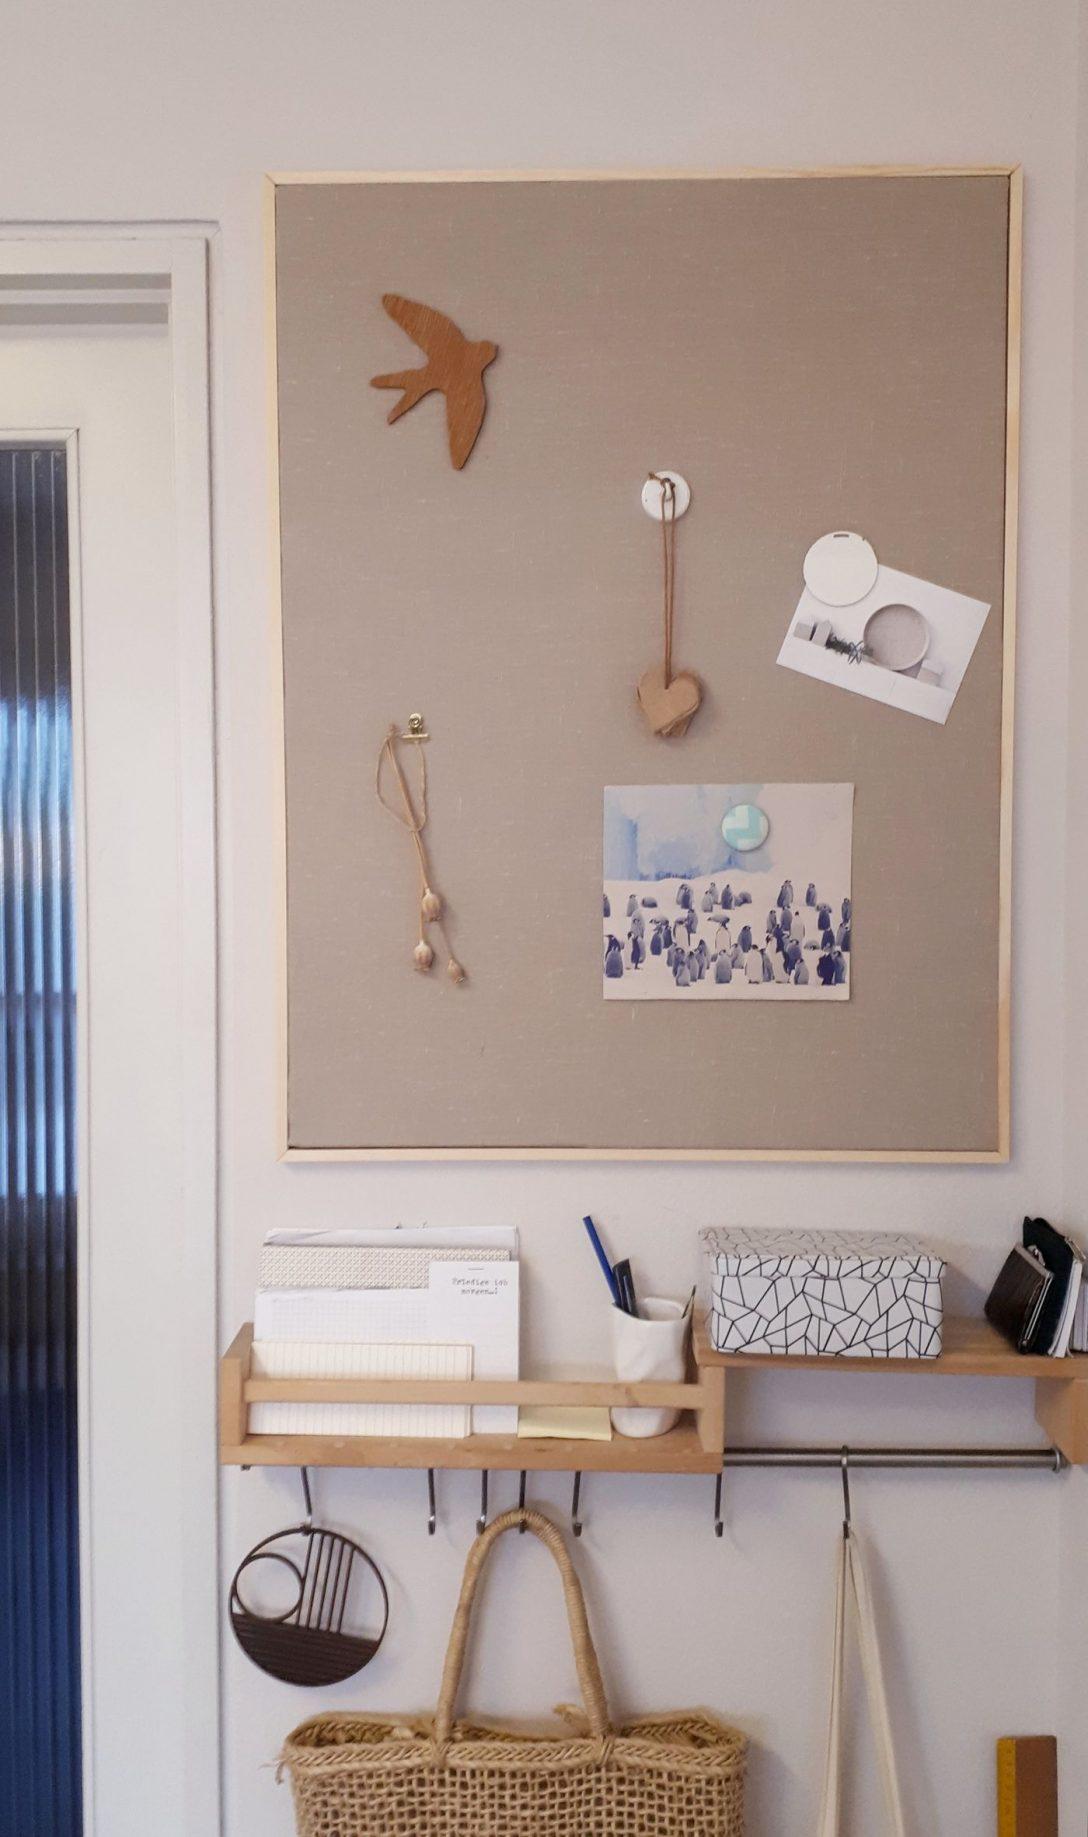 Large Size of Pinnwand Modern Eine Selber Machen Und Deko Ideen Moderne Bilder Fürs Wohnzimmer Deckenlampen Landhausküche Küche Holz Deckenleuchte Esstische Bett Design Wohnzimmer Pinnwand Modern